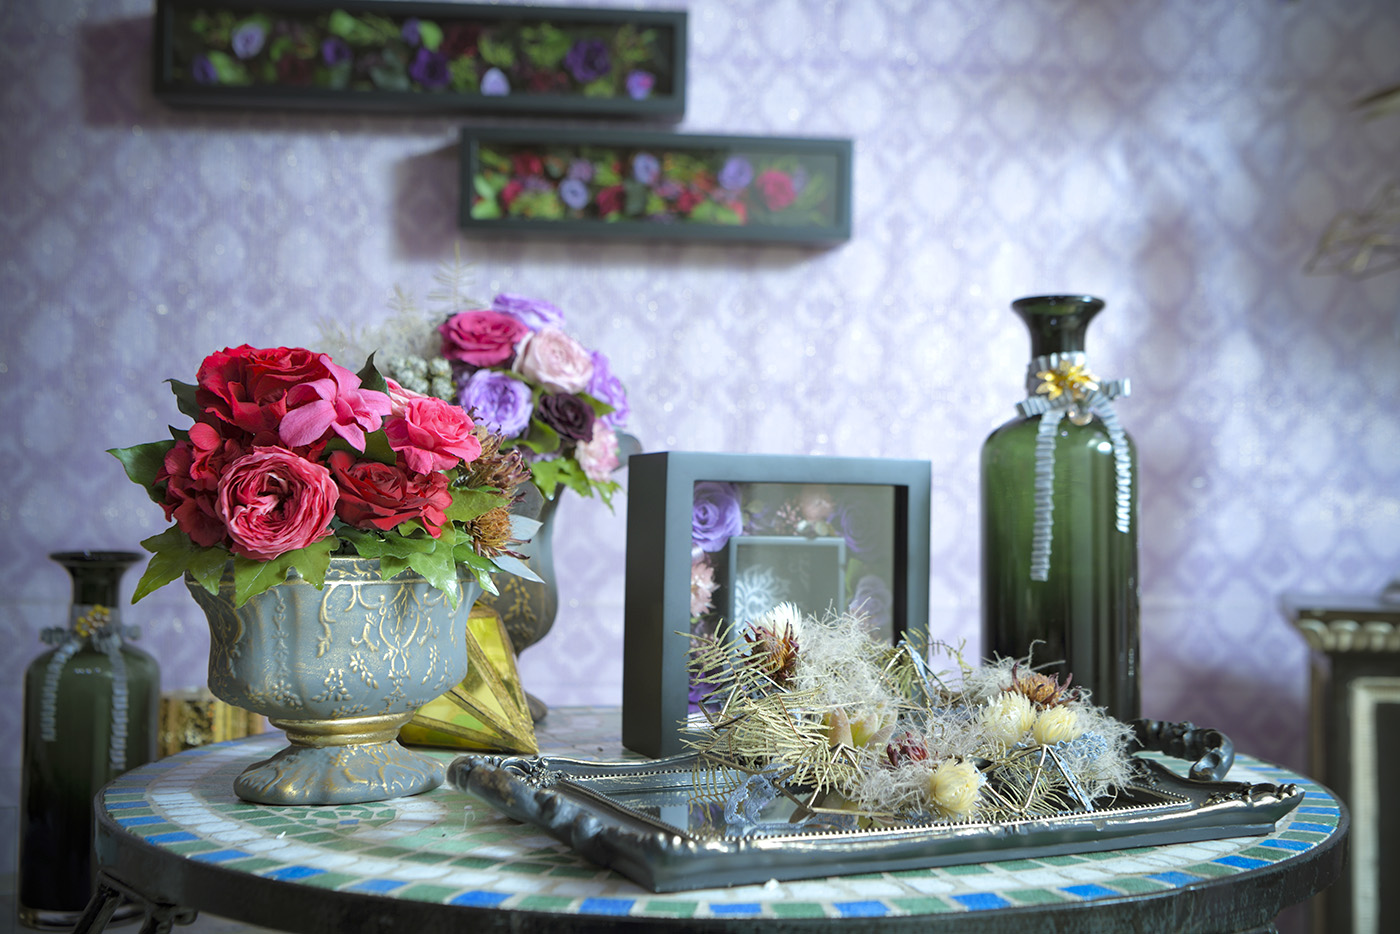 テーブル上にモロッコ風の花瓶やトレイ、その上に装飾されたフラワーアレンジメント